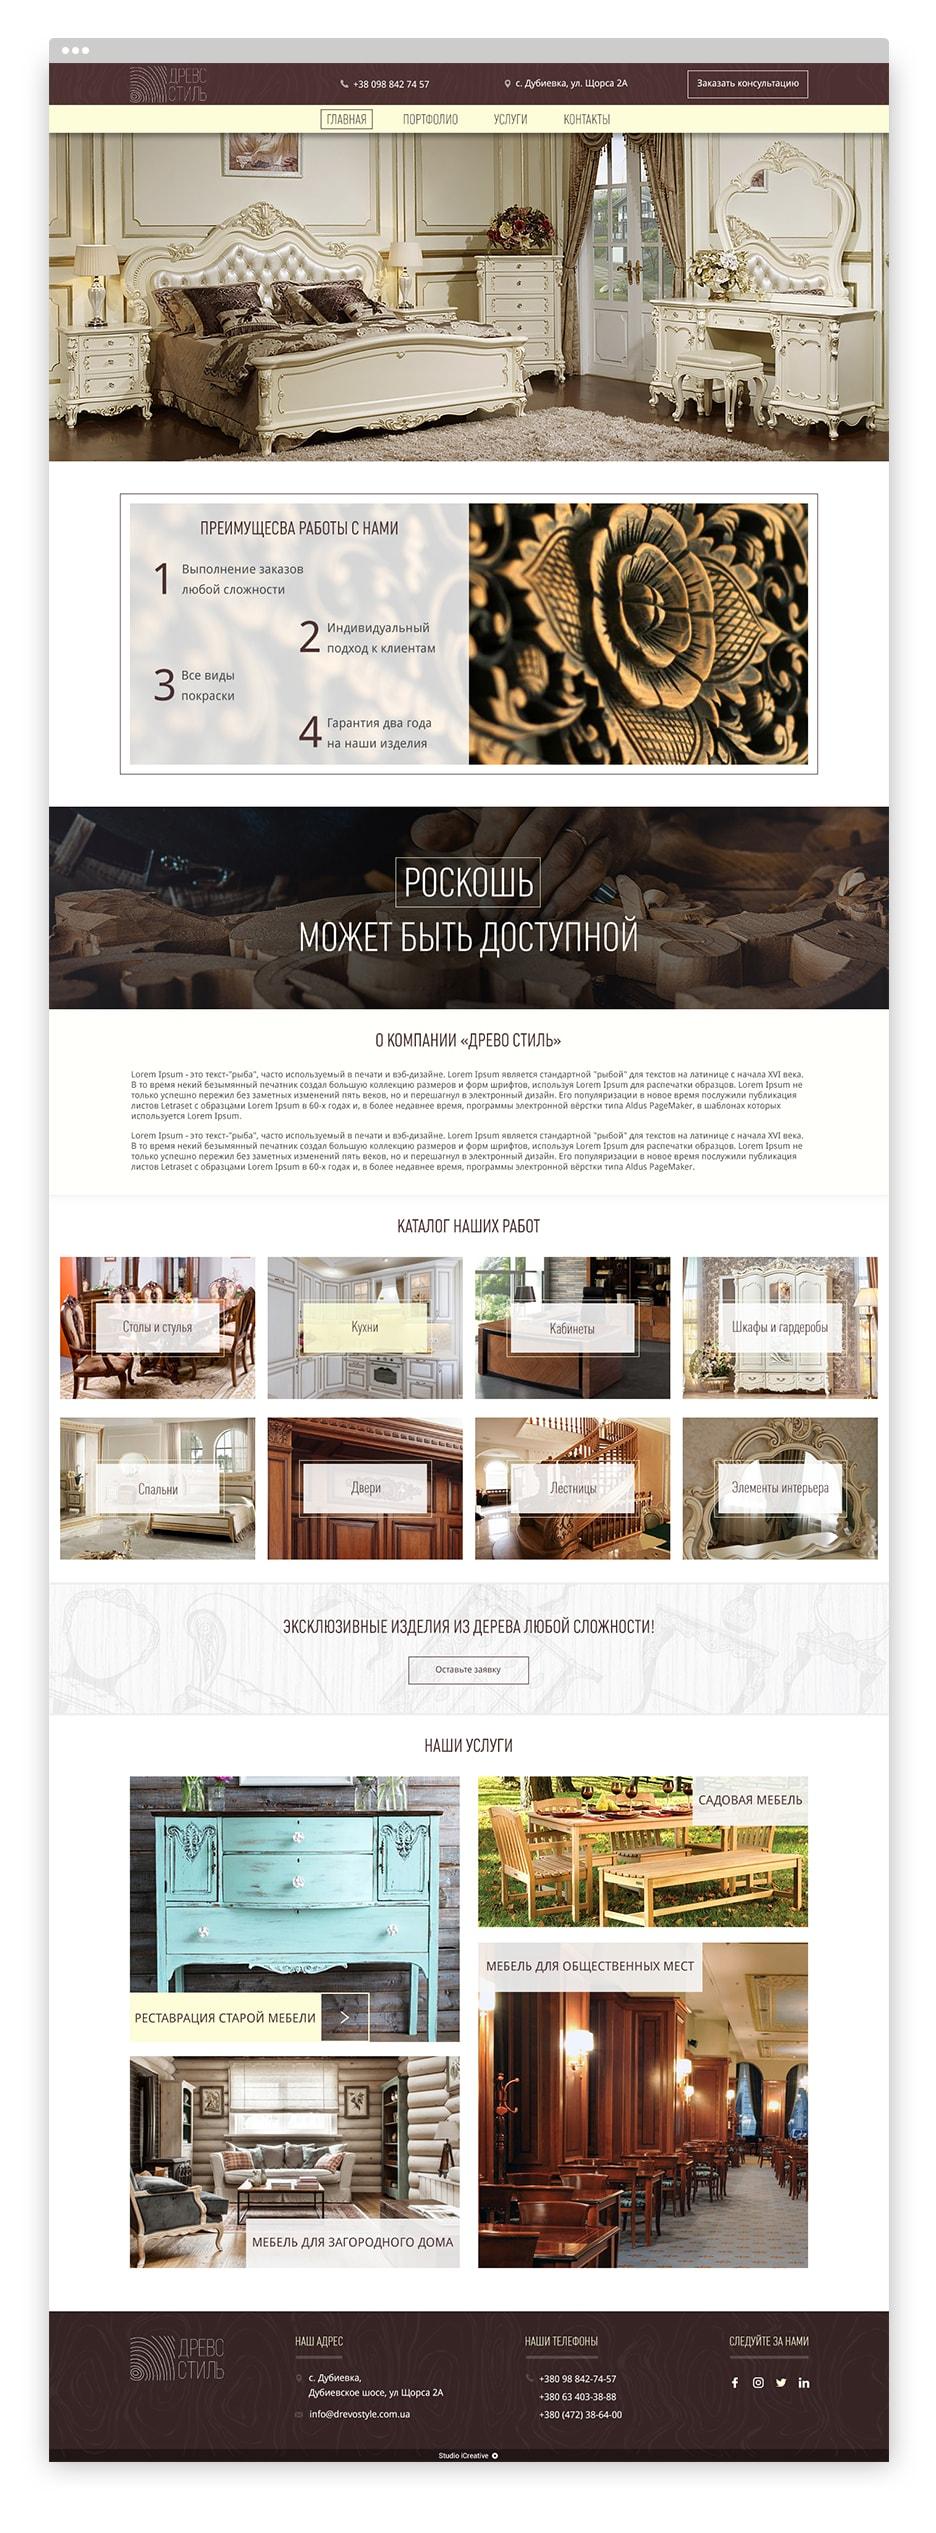 icreative.com.ua_drevo_style_portfolio_1